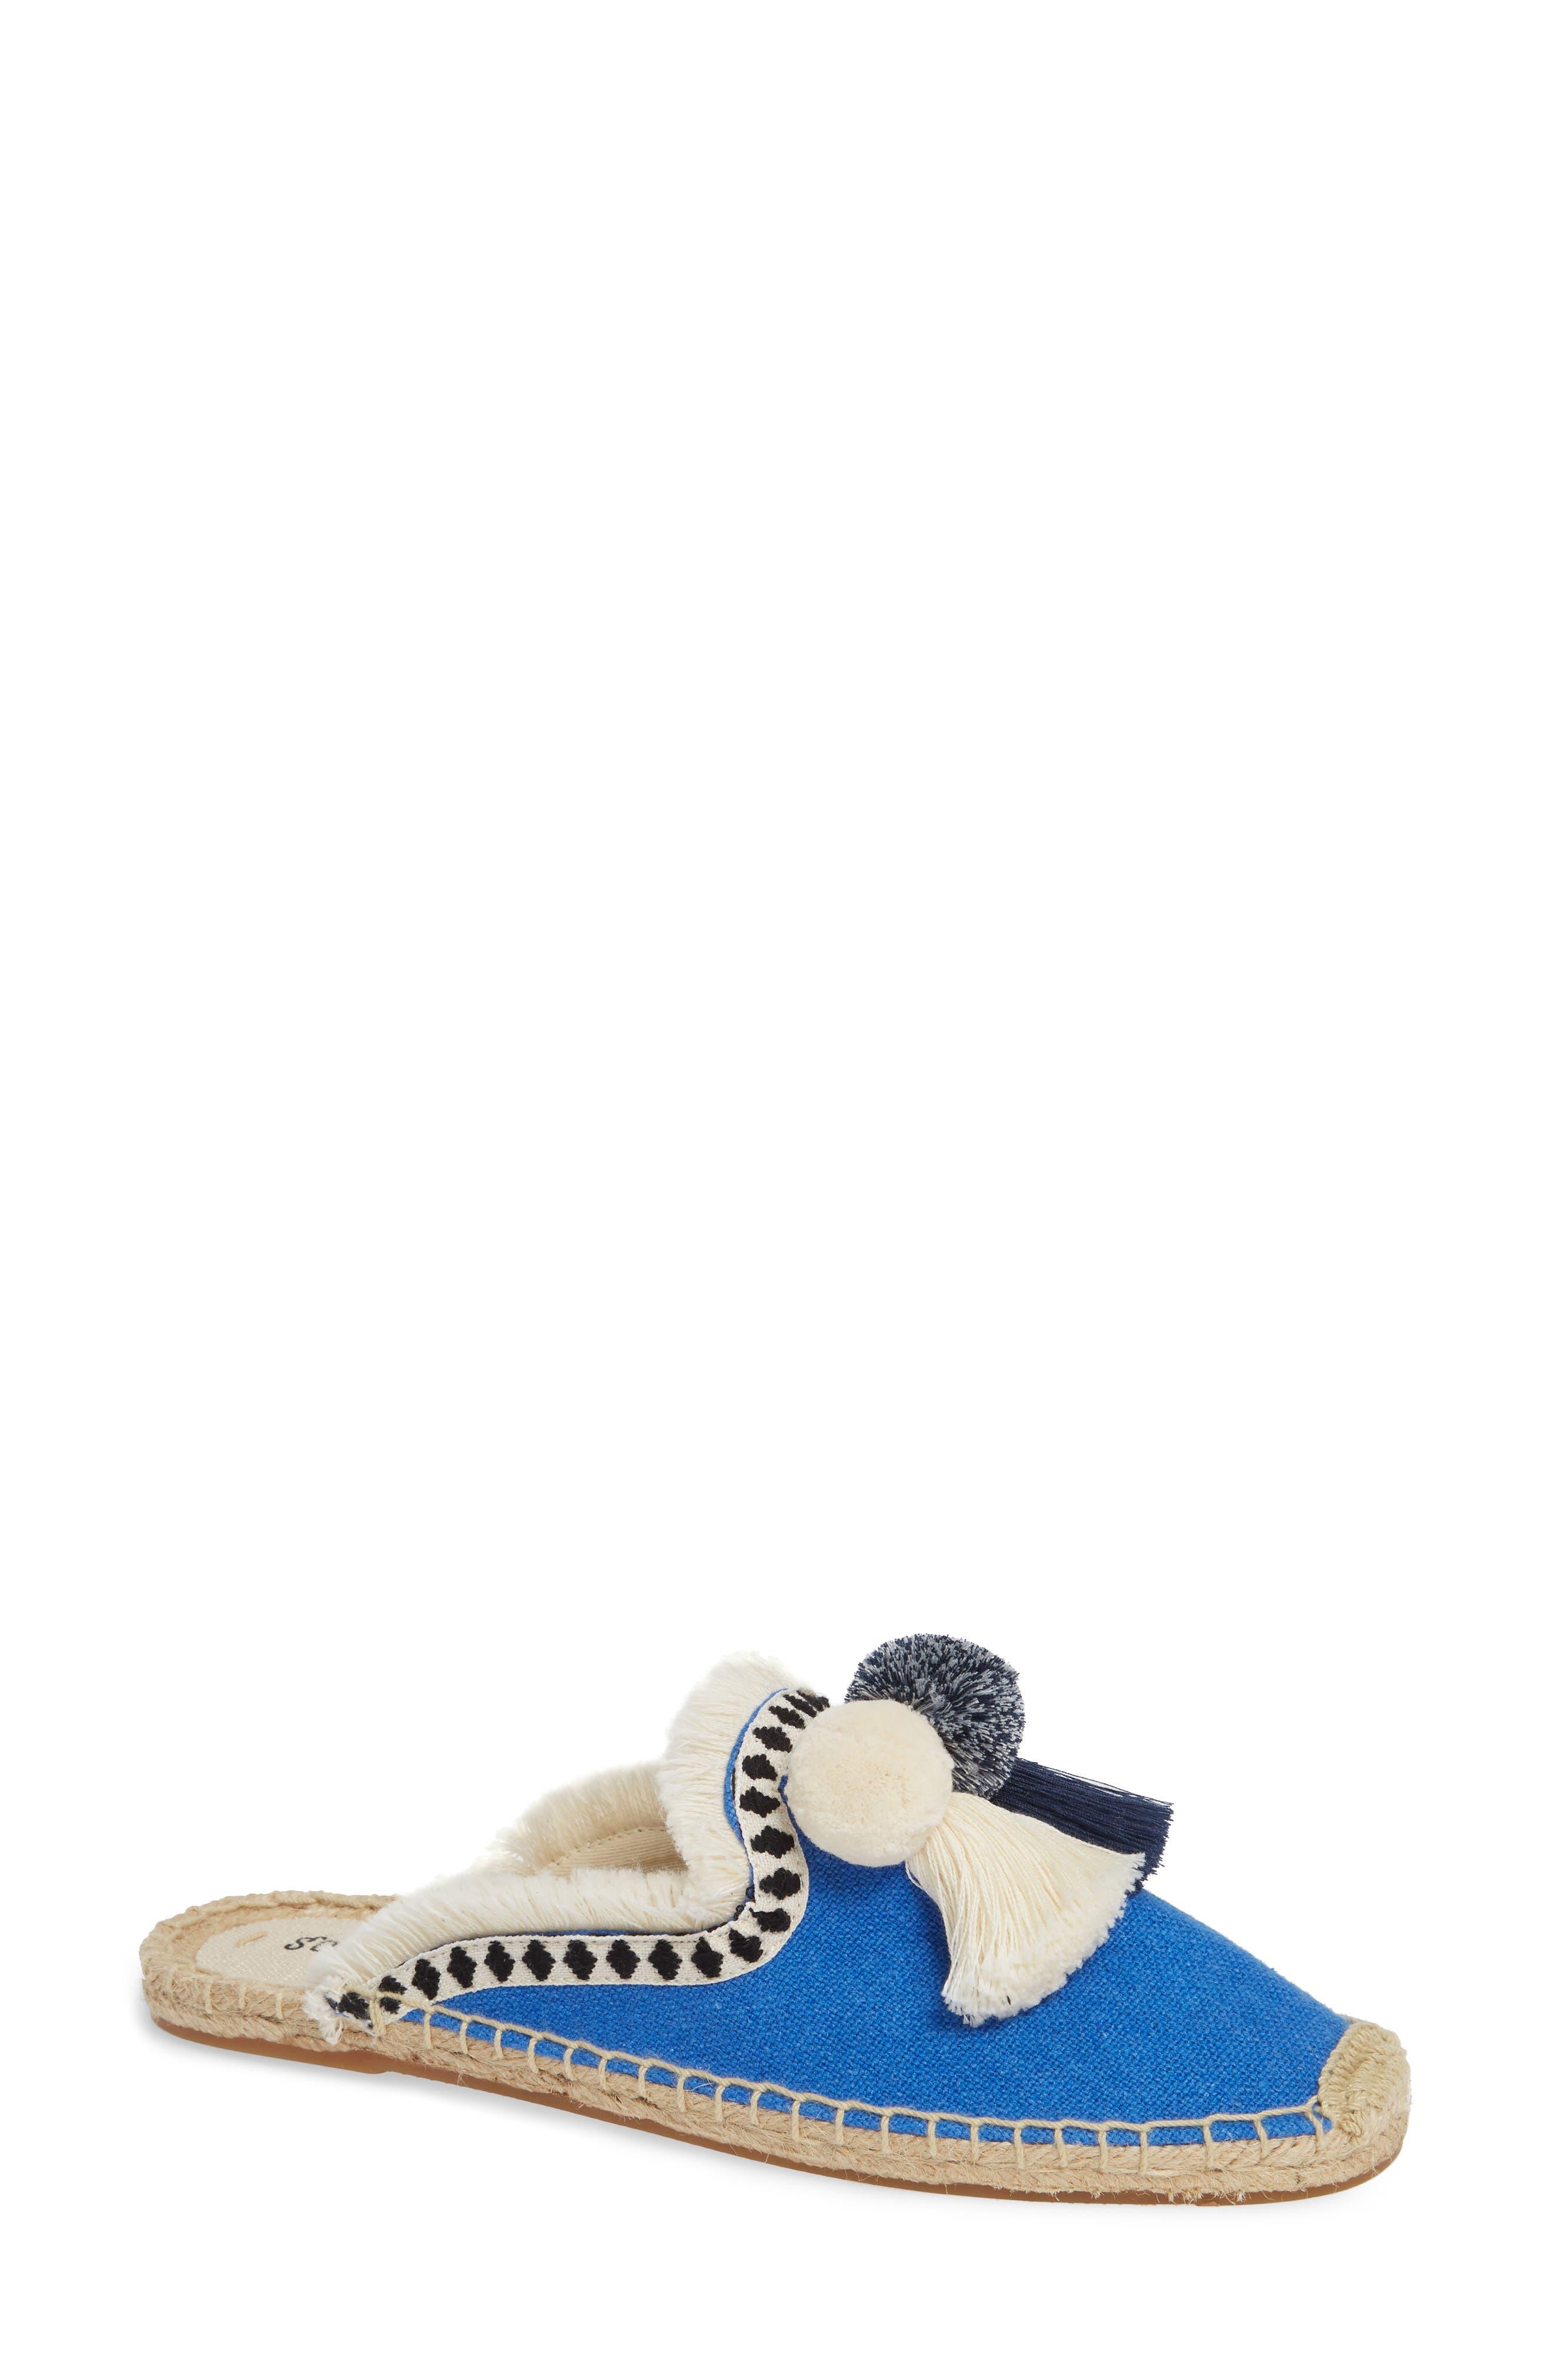 Pompom Espadrille Mule,                         Main,                         color, MARLIN BLUE FABRIC